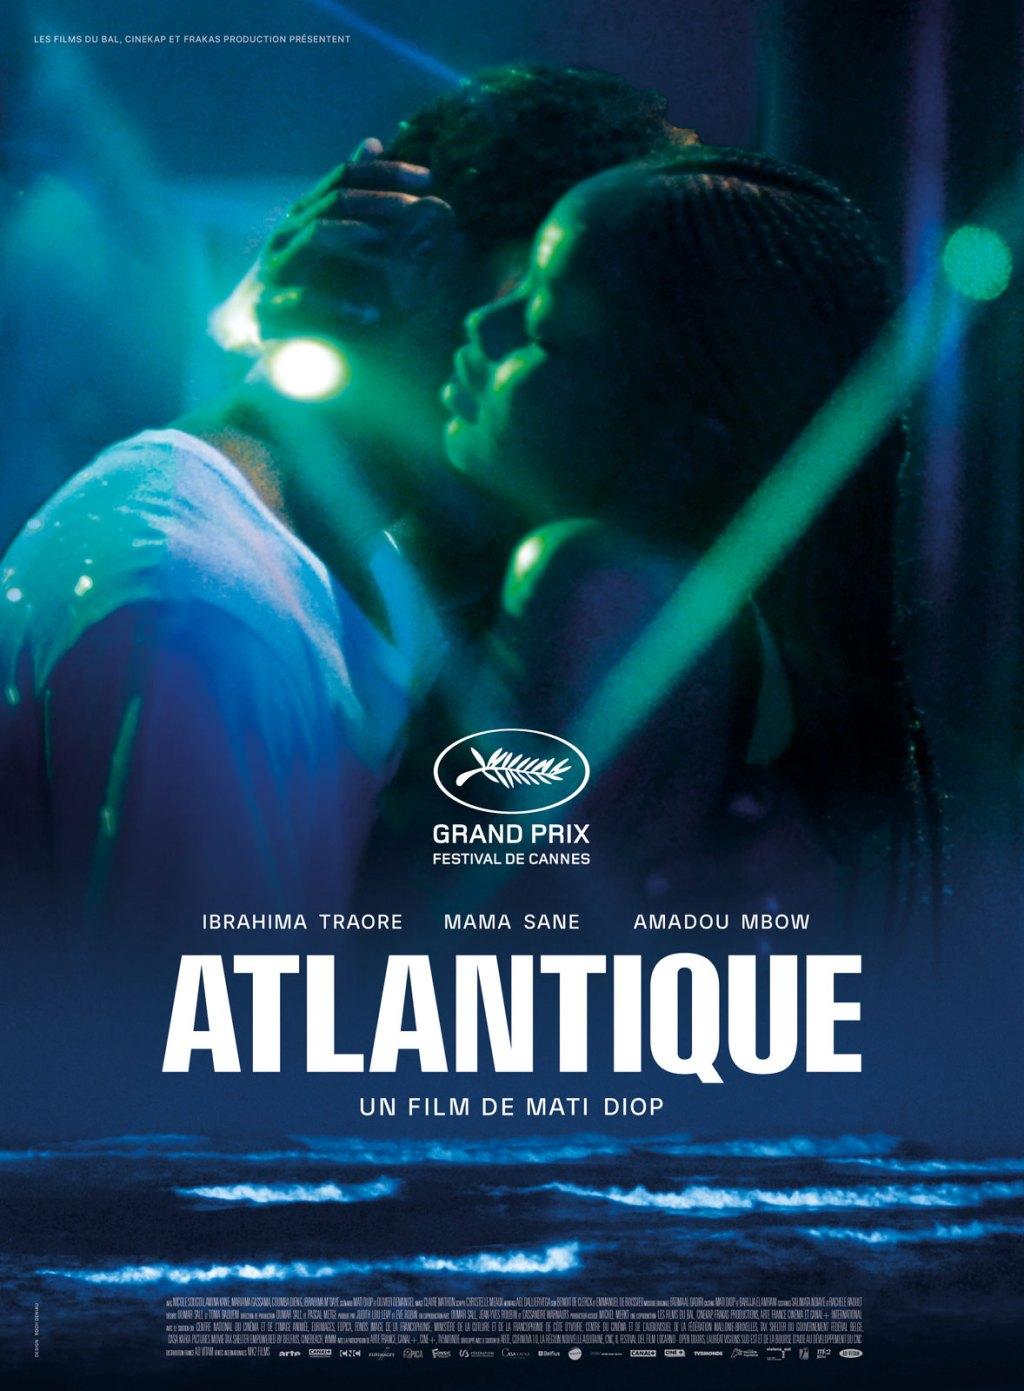 Le film « Atlantique » va représenter le Sénégal aux Oscars